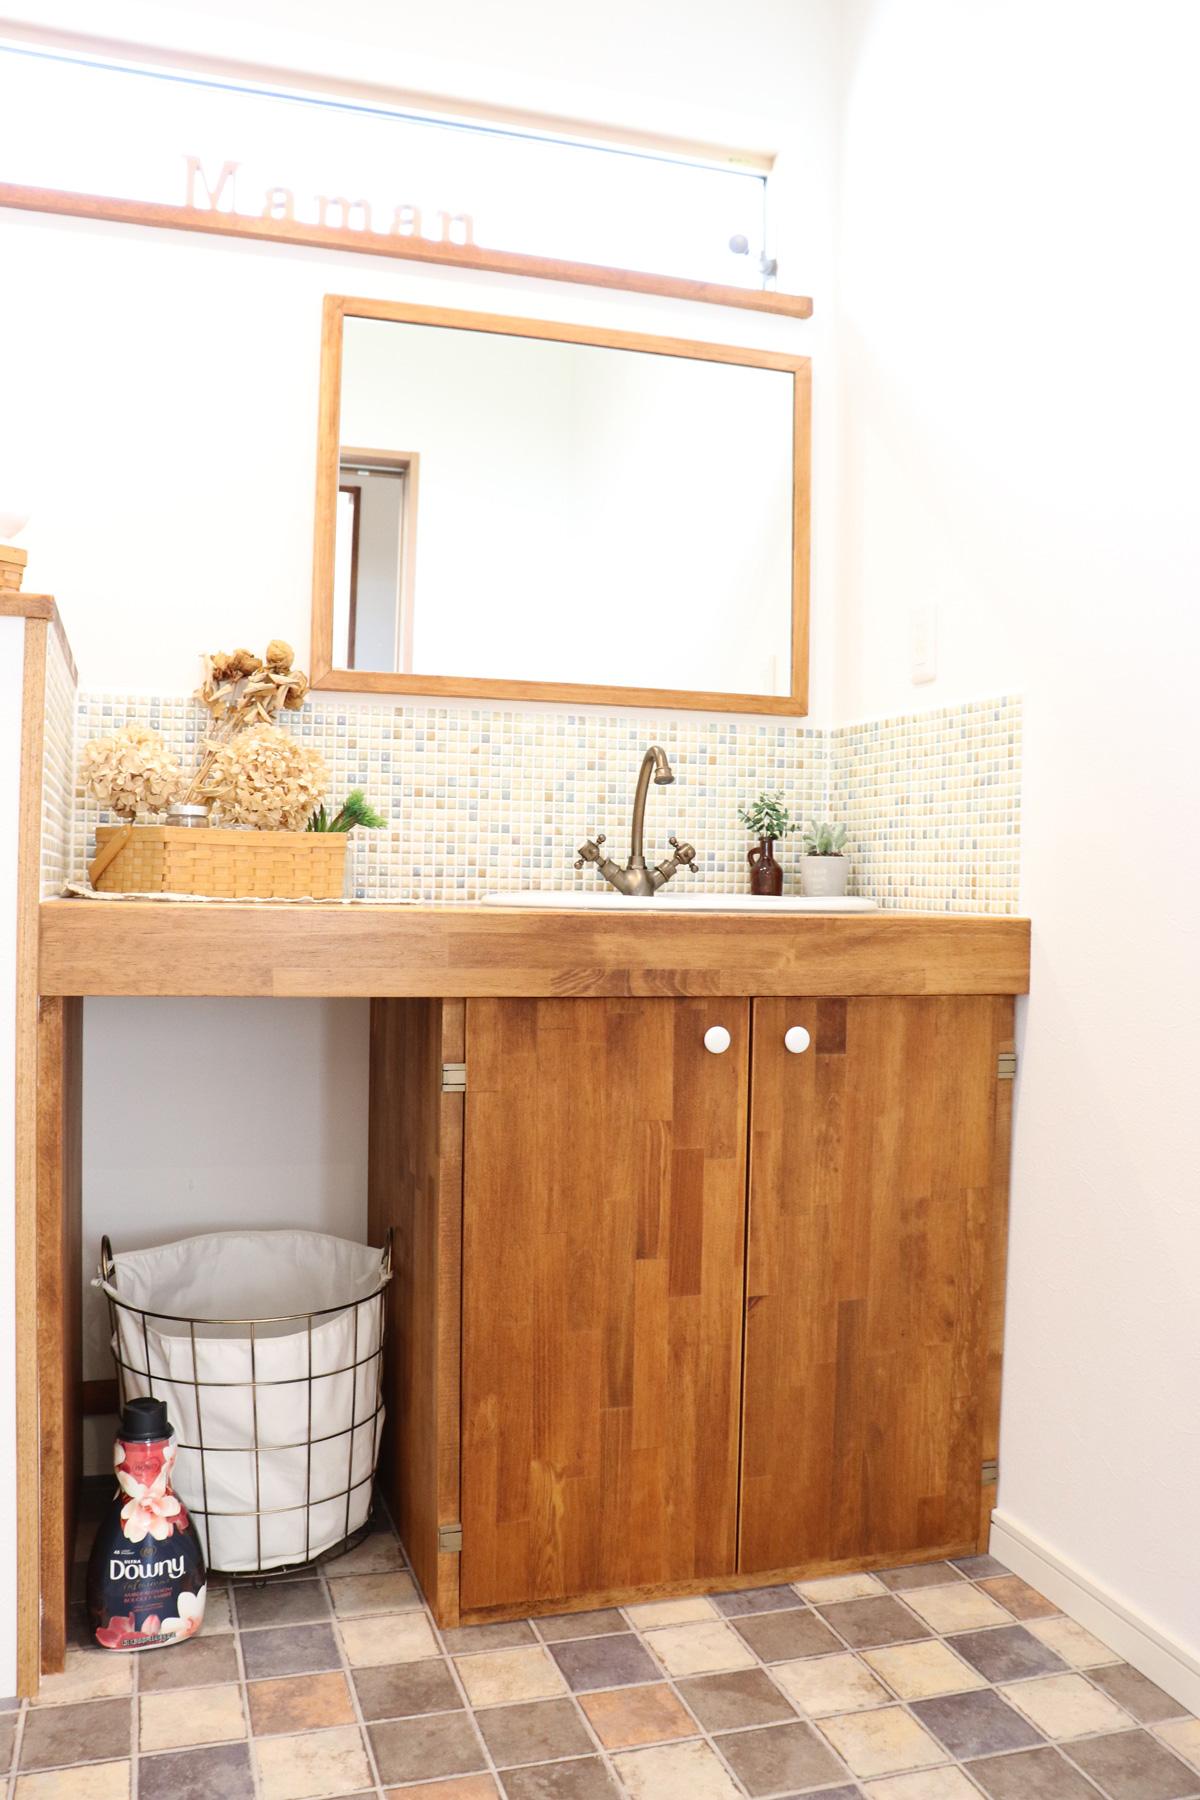 ママンの家のナチュラルカントリーがおしゃれな洗面台